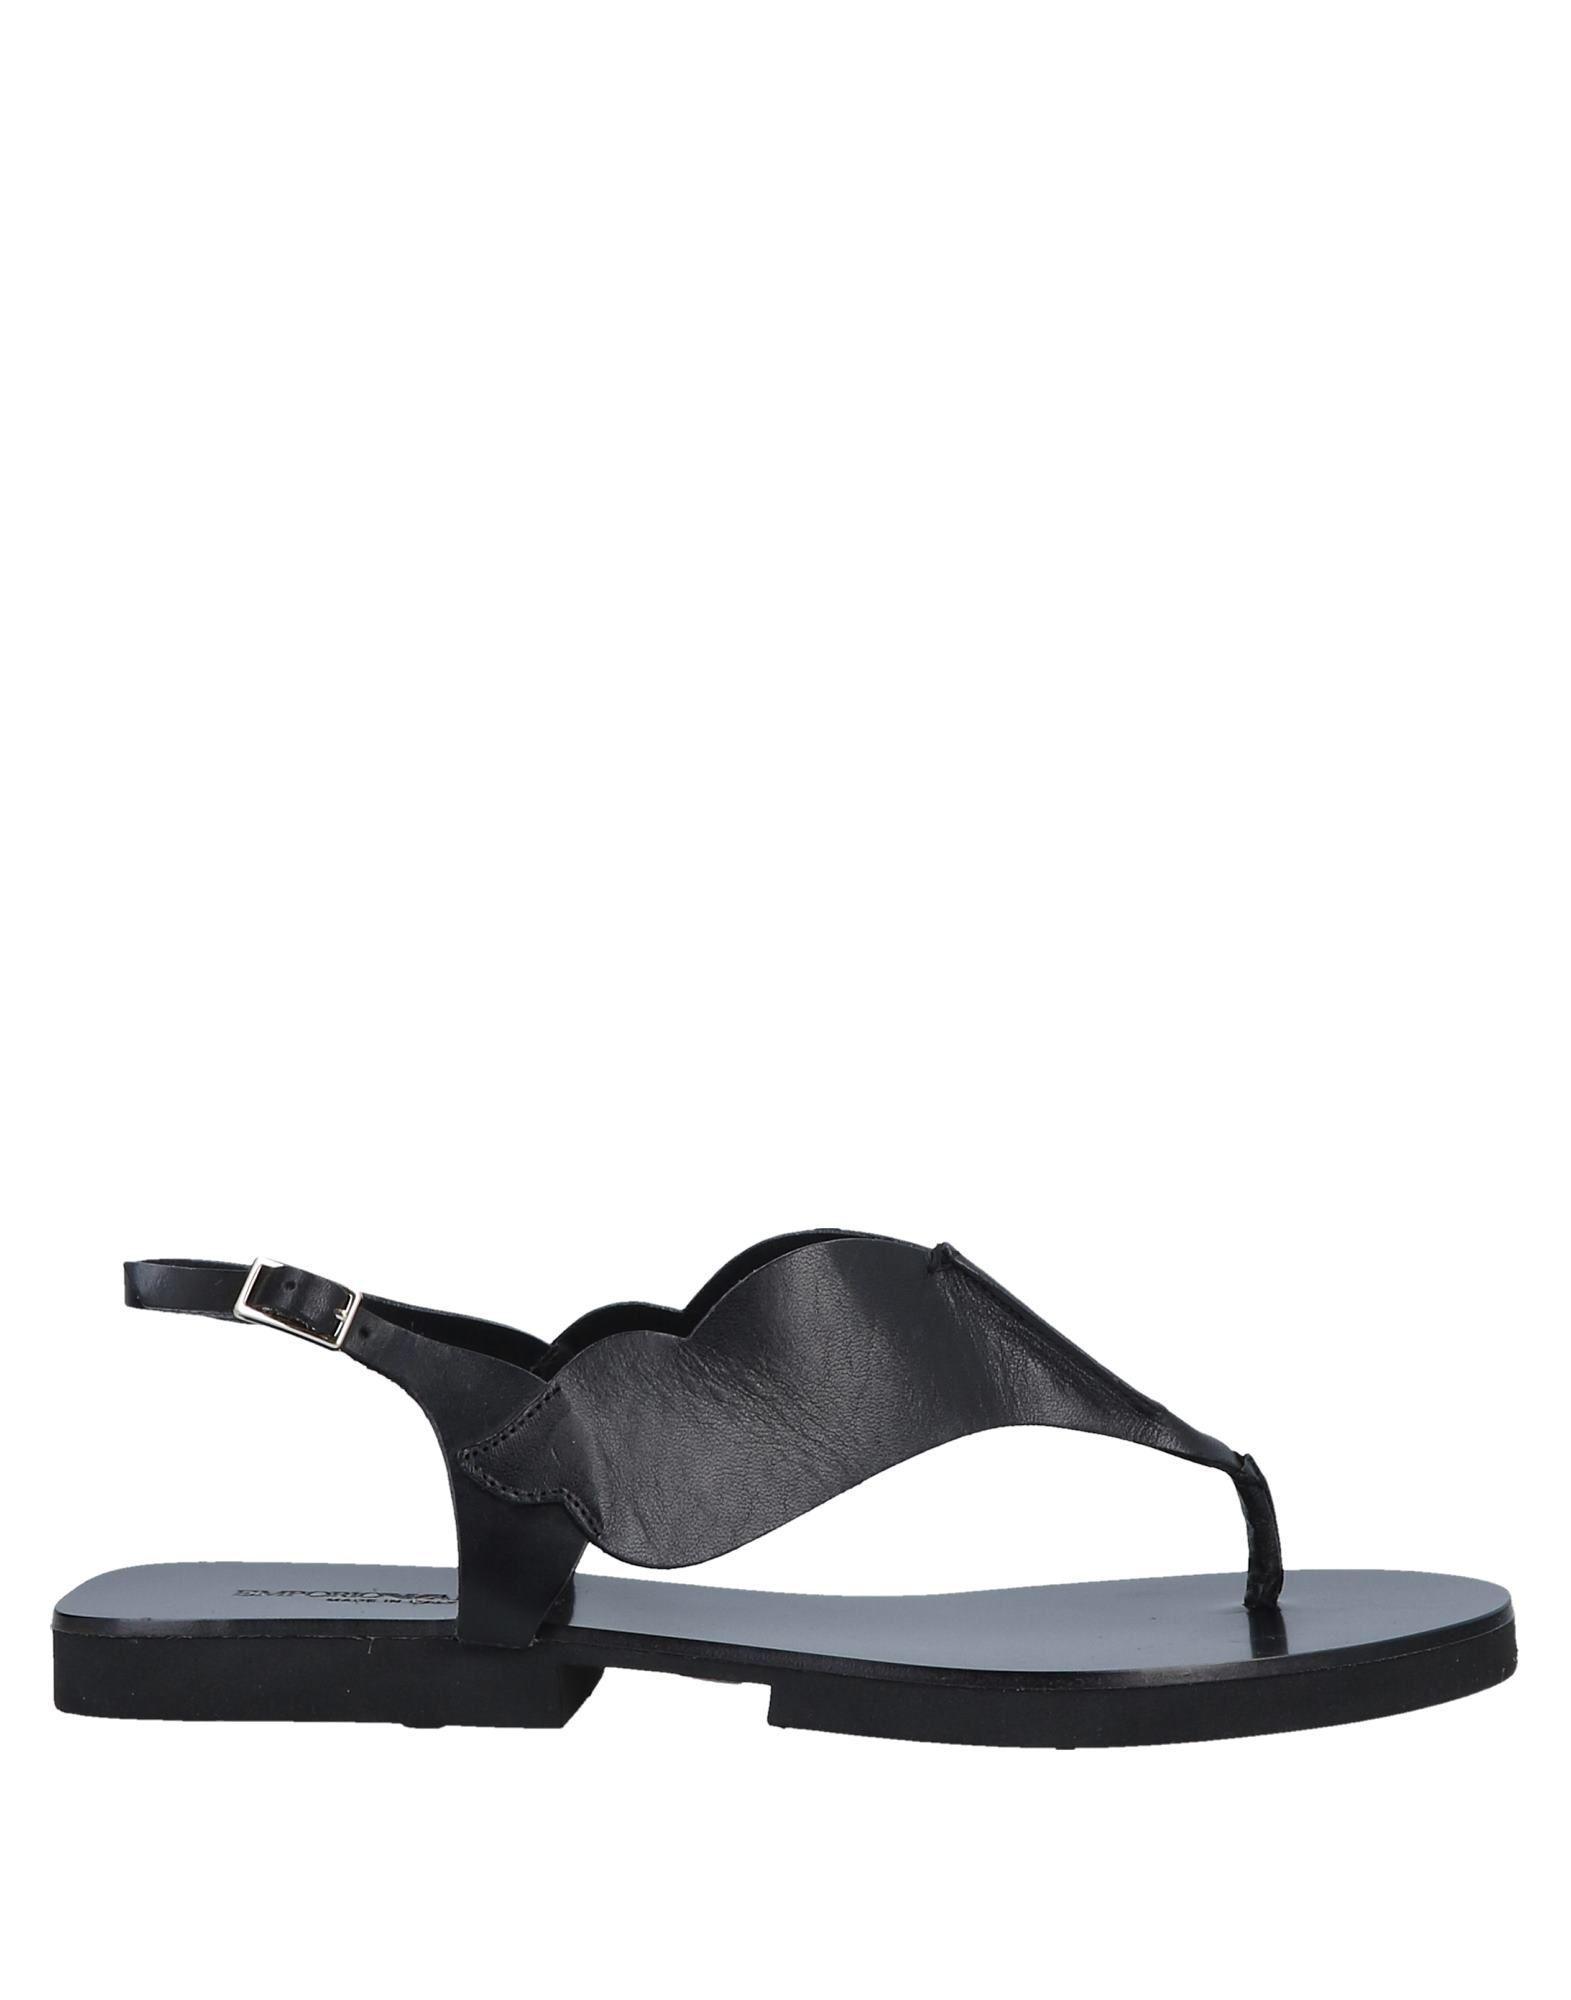 e19ea135e Lyst - Emporio Armani Toe Post Sandal in Black